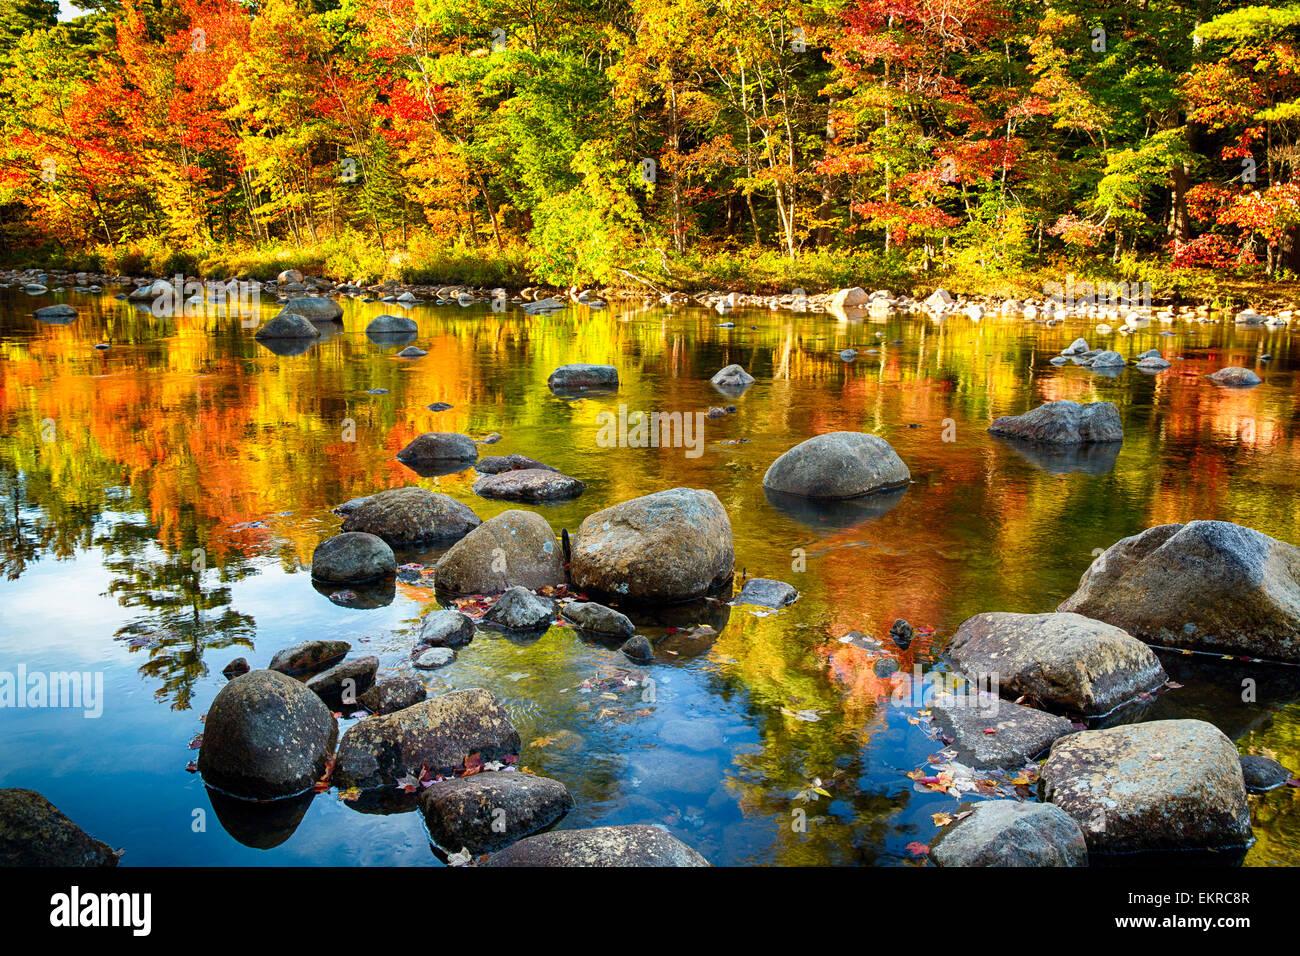 Vista di un fiume con rocce e foglie colorate riflessioni, Swift River, White Mountains National Forest, New Hampshire Immagini Stock